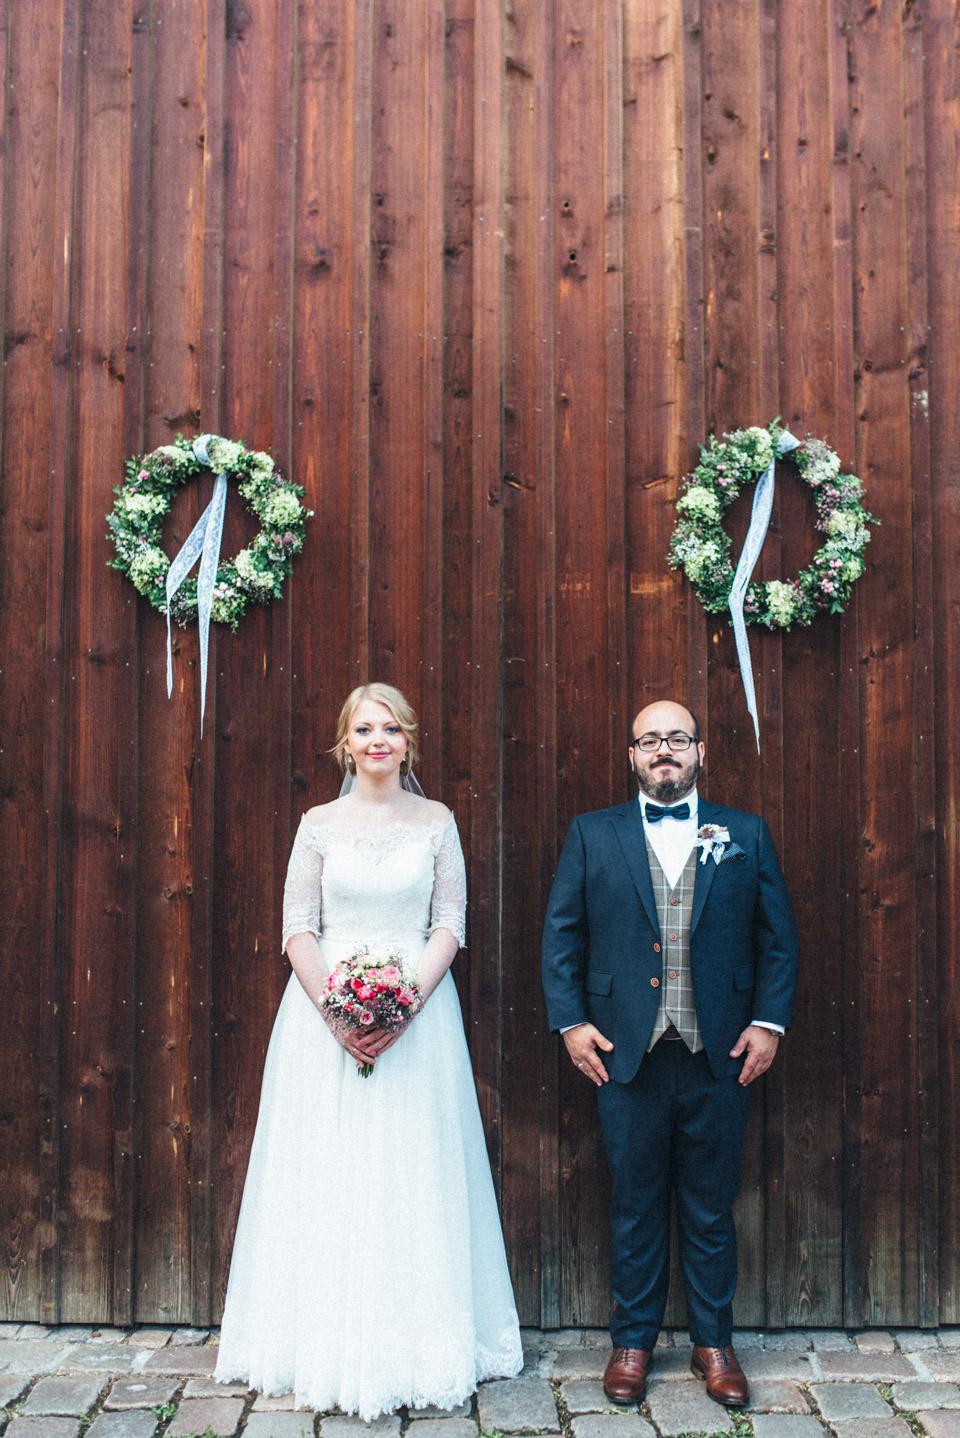 diy-wedding-bayern-149 Isabell & Tomaj Vintage DIY Hochzeit in Bayerndiy wedding bayern 149